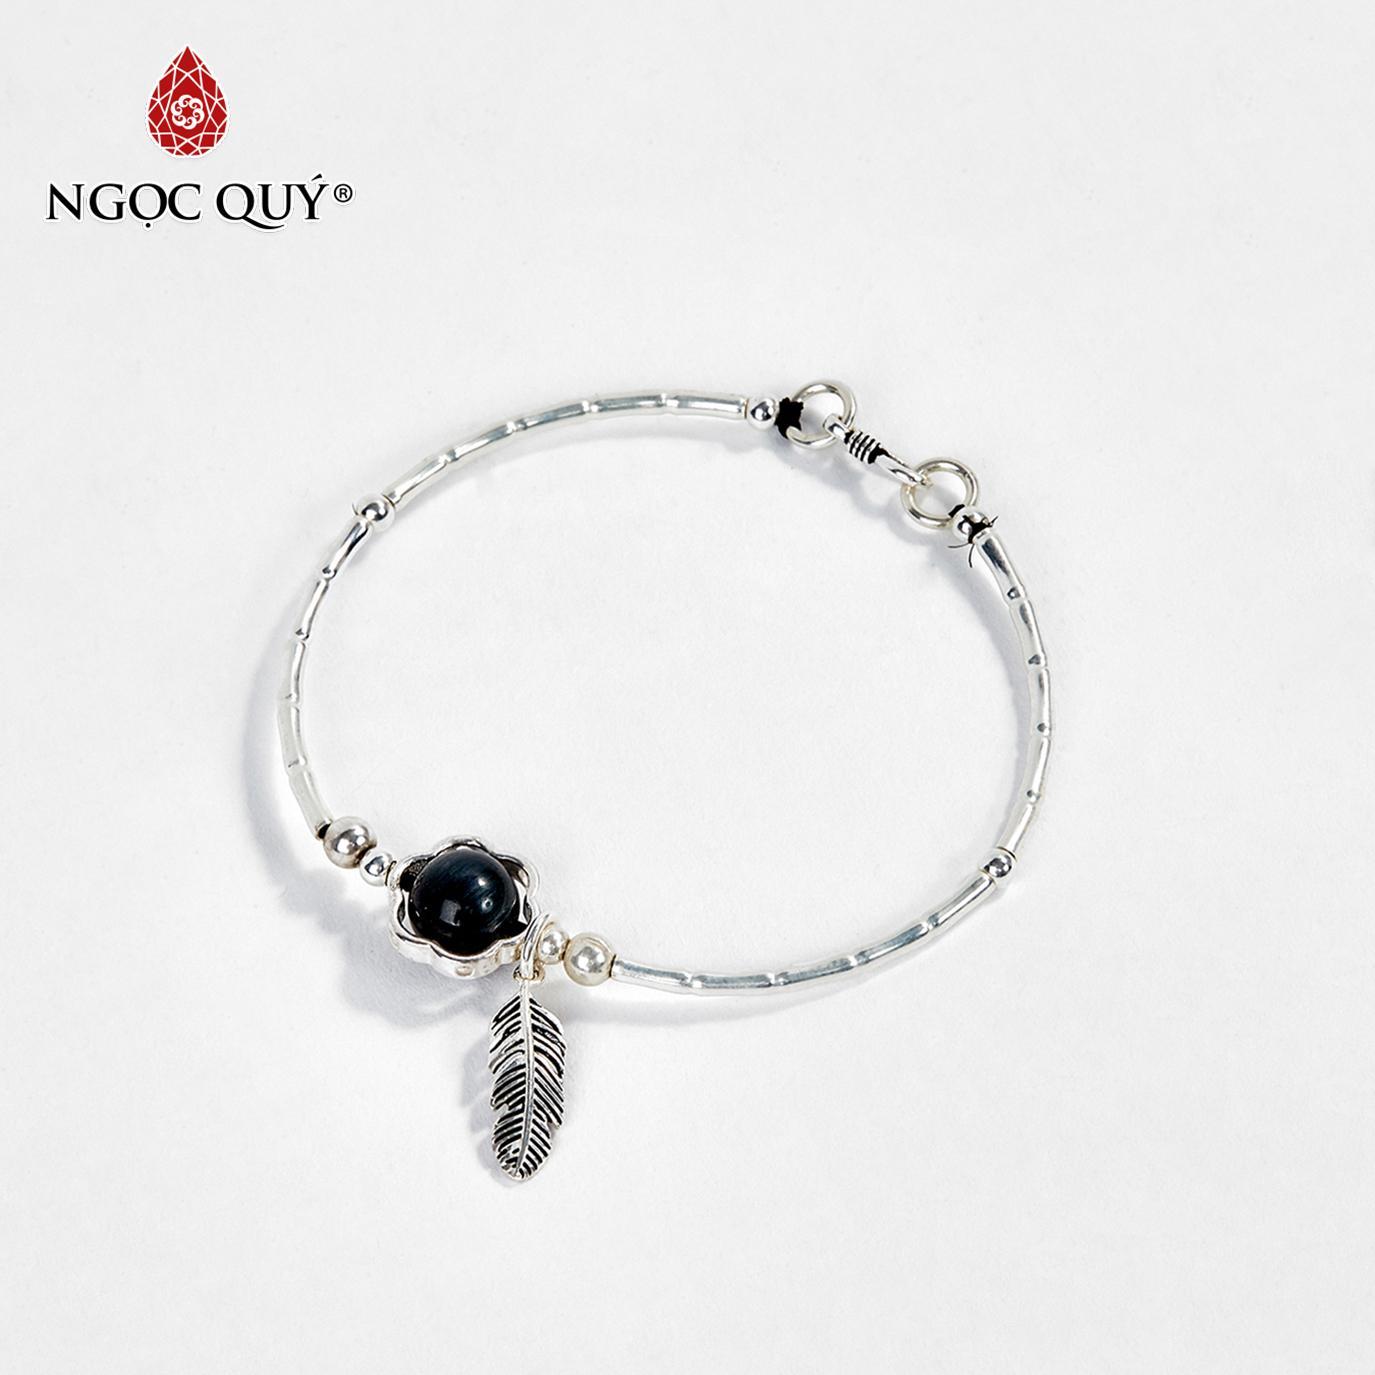 Vòng tay bạc hạt đá mắt hổ xanh đen charm lá 10mm mệnh thủy,mộc (màu xanh đen) - Ngọc Quý Gemstones